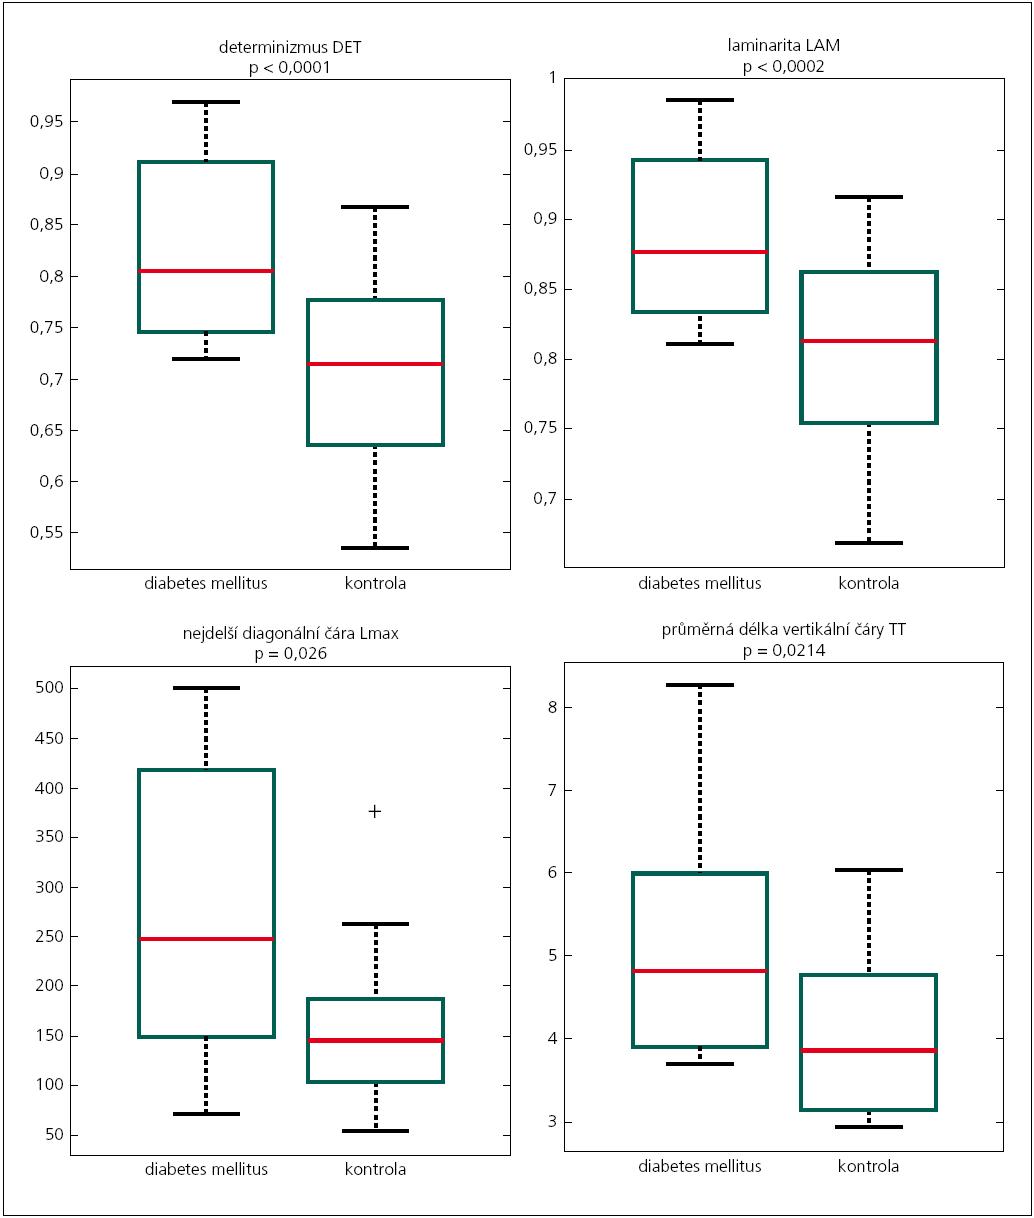 Grafy 1–4. Zhodnocení RQA analýzy celého záznamu zkoušky leh-stoj pomocí parametrů DET, LAM, Lmax a TT u diabetiků a kontrolního souboru. Jednotky u parametrů DET a LAM se nepoužívají (jedná se o indexy s rozpětím 0–1), jednotky pro Lmax a TT tvoří počet (n) rekurentních bodů tvořících diagonální, resp. vertikální čáru. Vkrabicovém grafu je vyznačeno minimum, maximum, 1. a 3. kvartil, mezi kvartily je červenou čarou vyznačen medián a odlehlé hodnoty jsou vyznačeny křížkem.